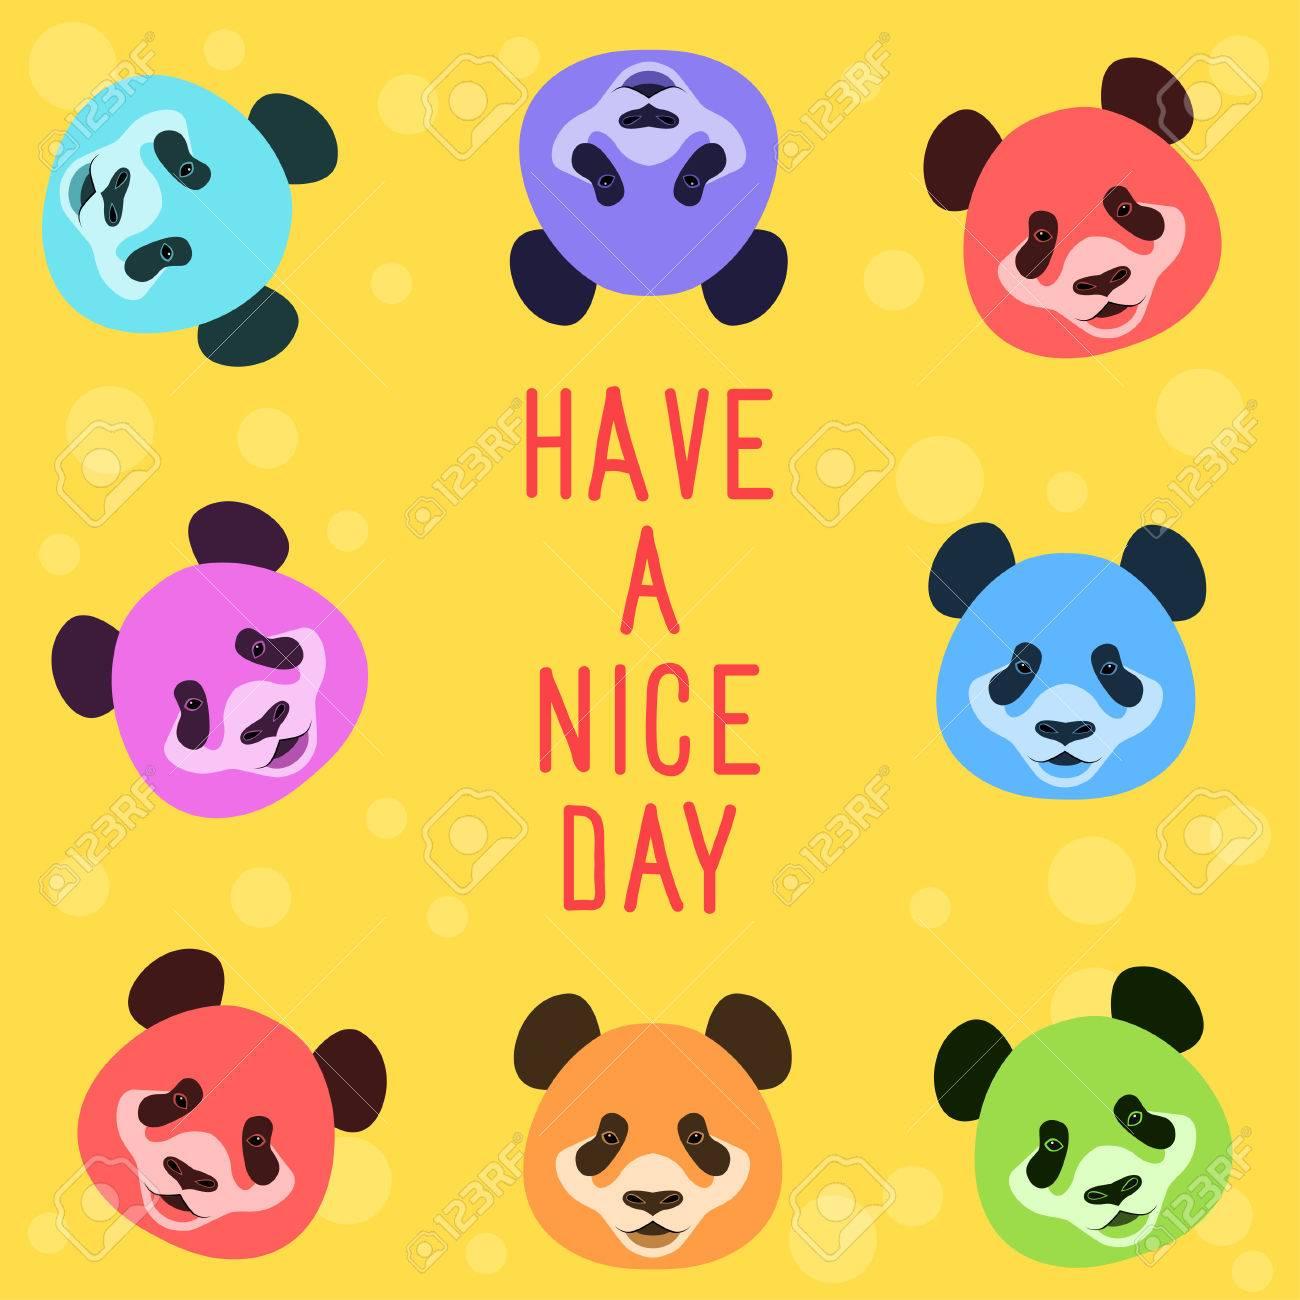 Panda Bear Card Funny Card Template Cartoon Panda Bear Have